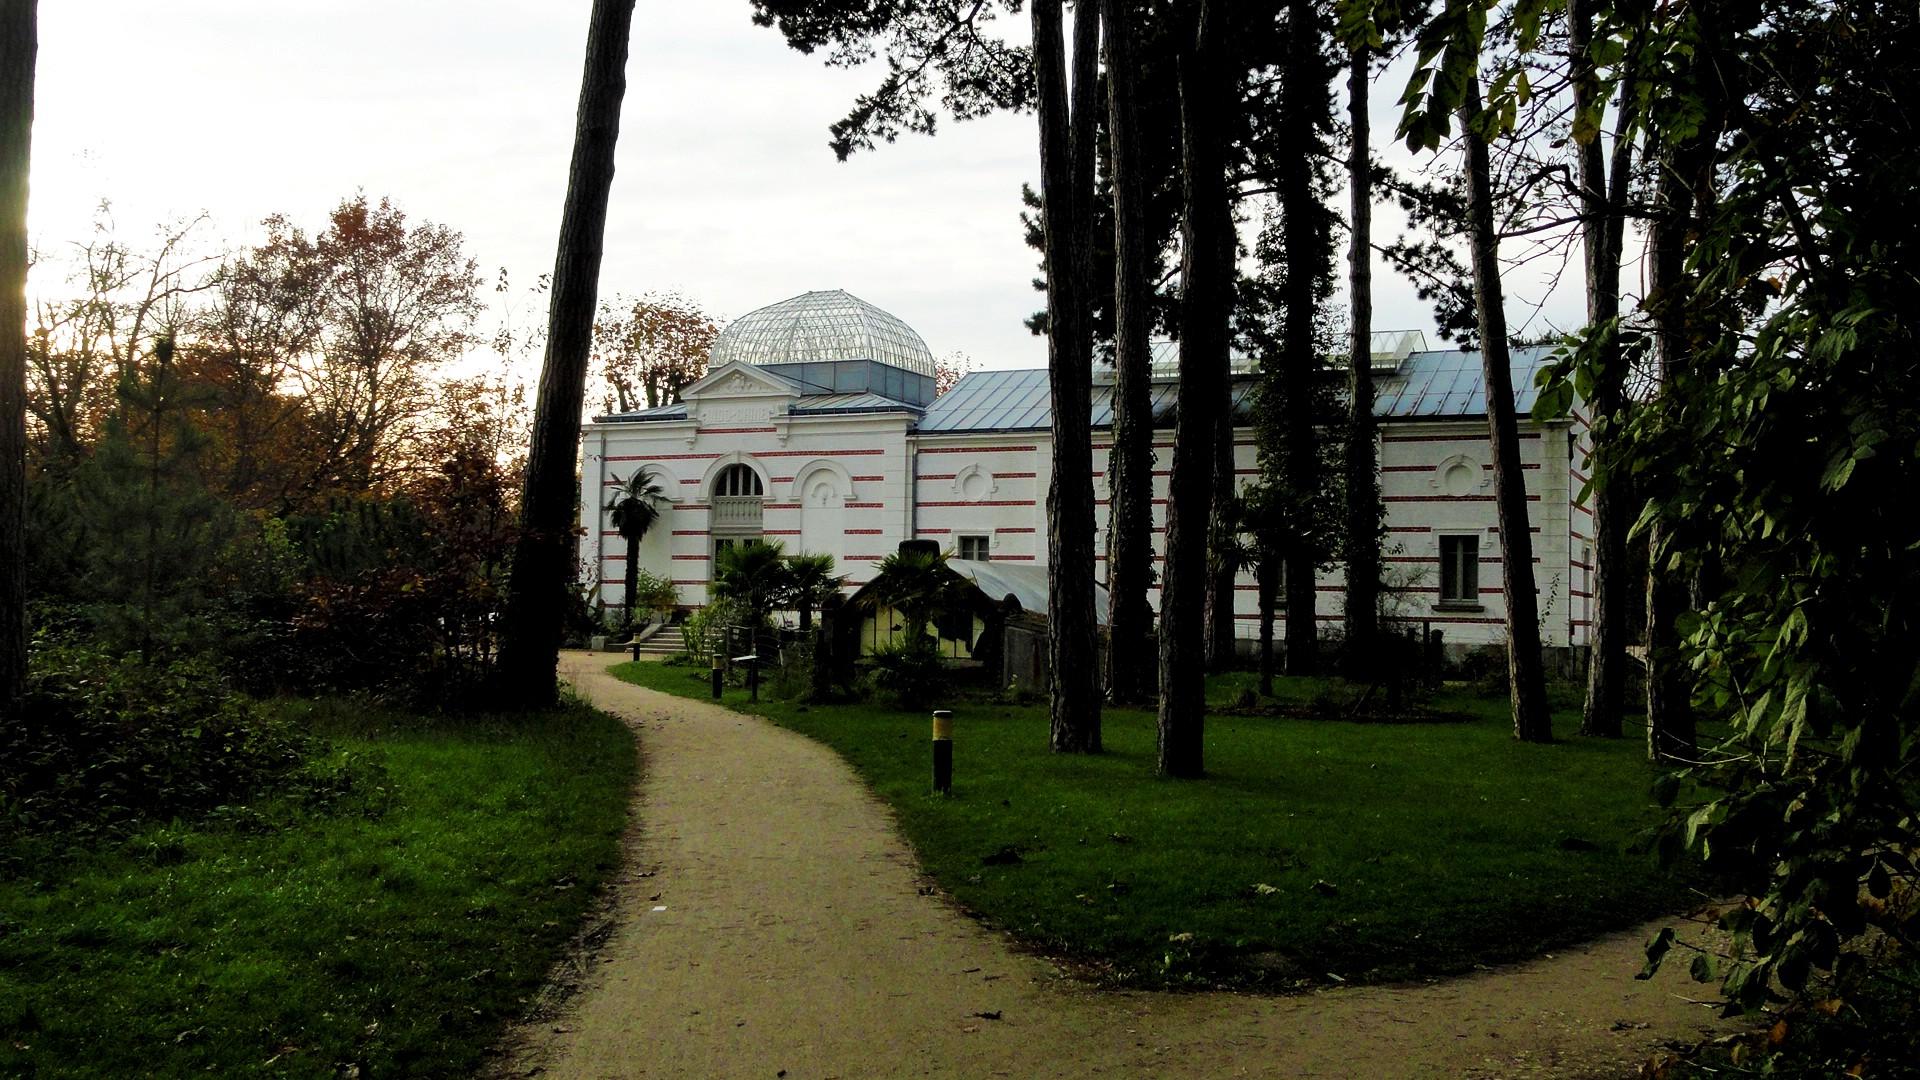 Jardin d'Agronomie Tropicale, Bois de Vincennes